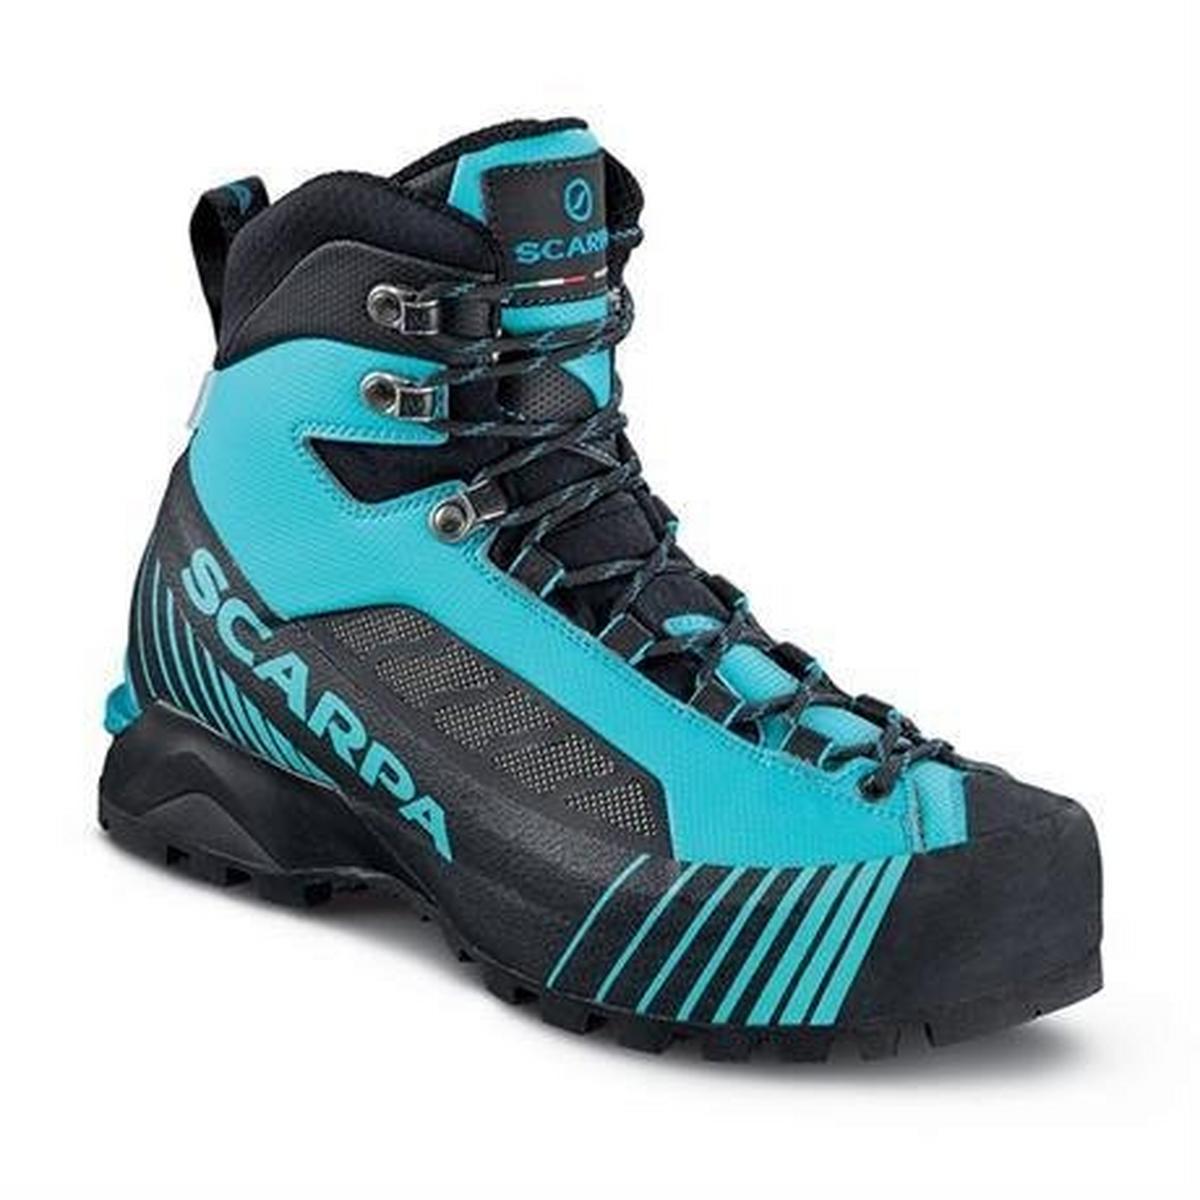 Scarpa Women's Scarpa Ribelle Lite OD Boots - Blue